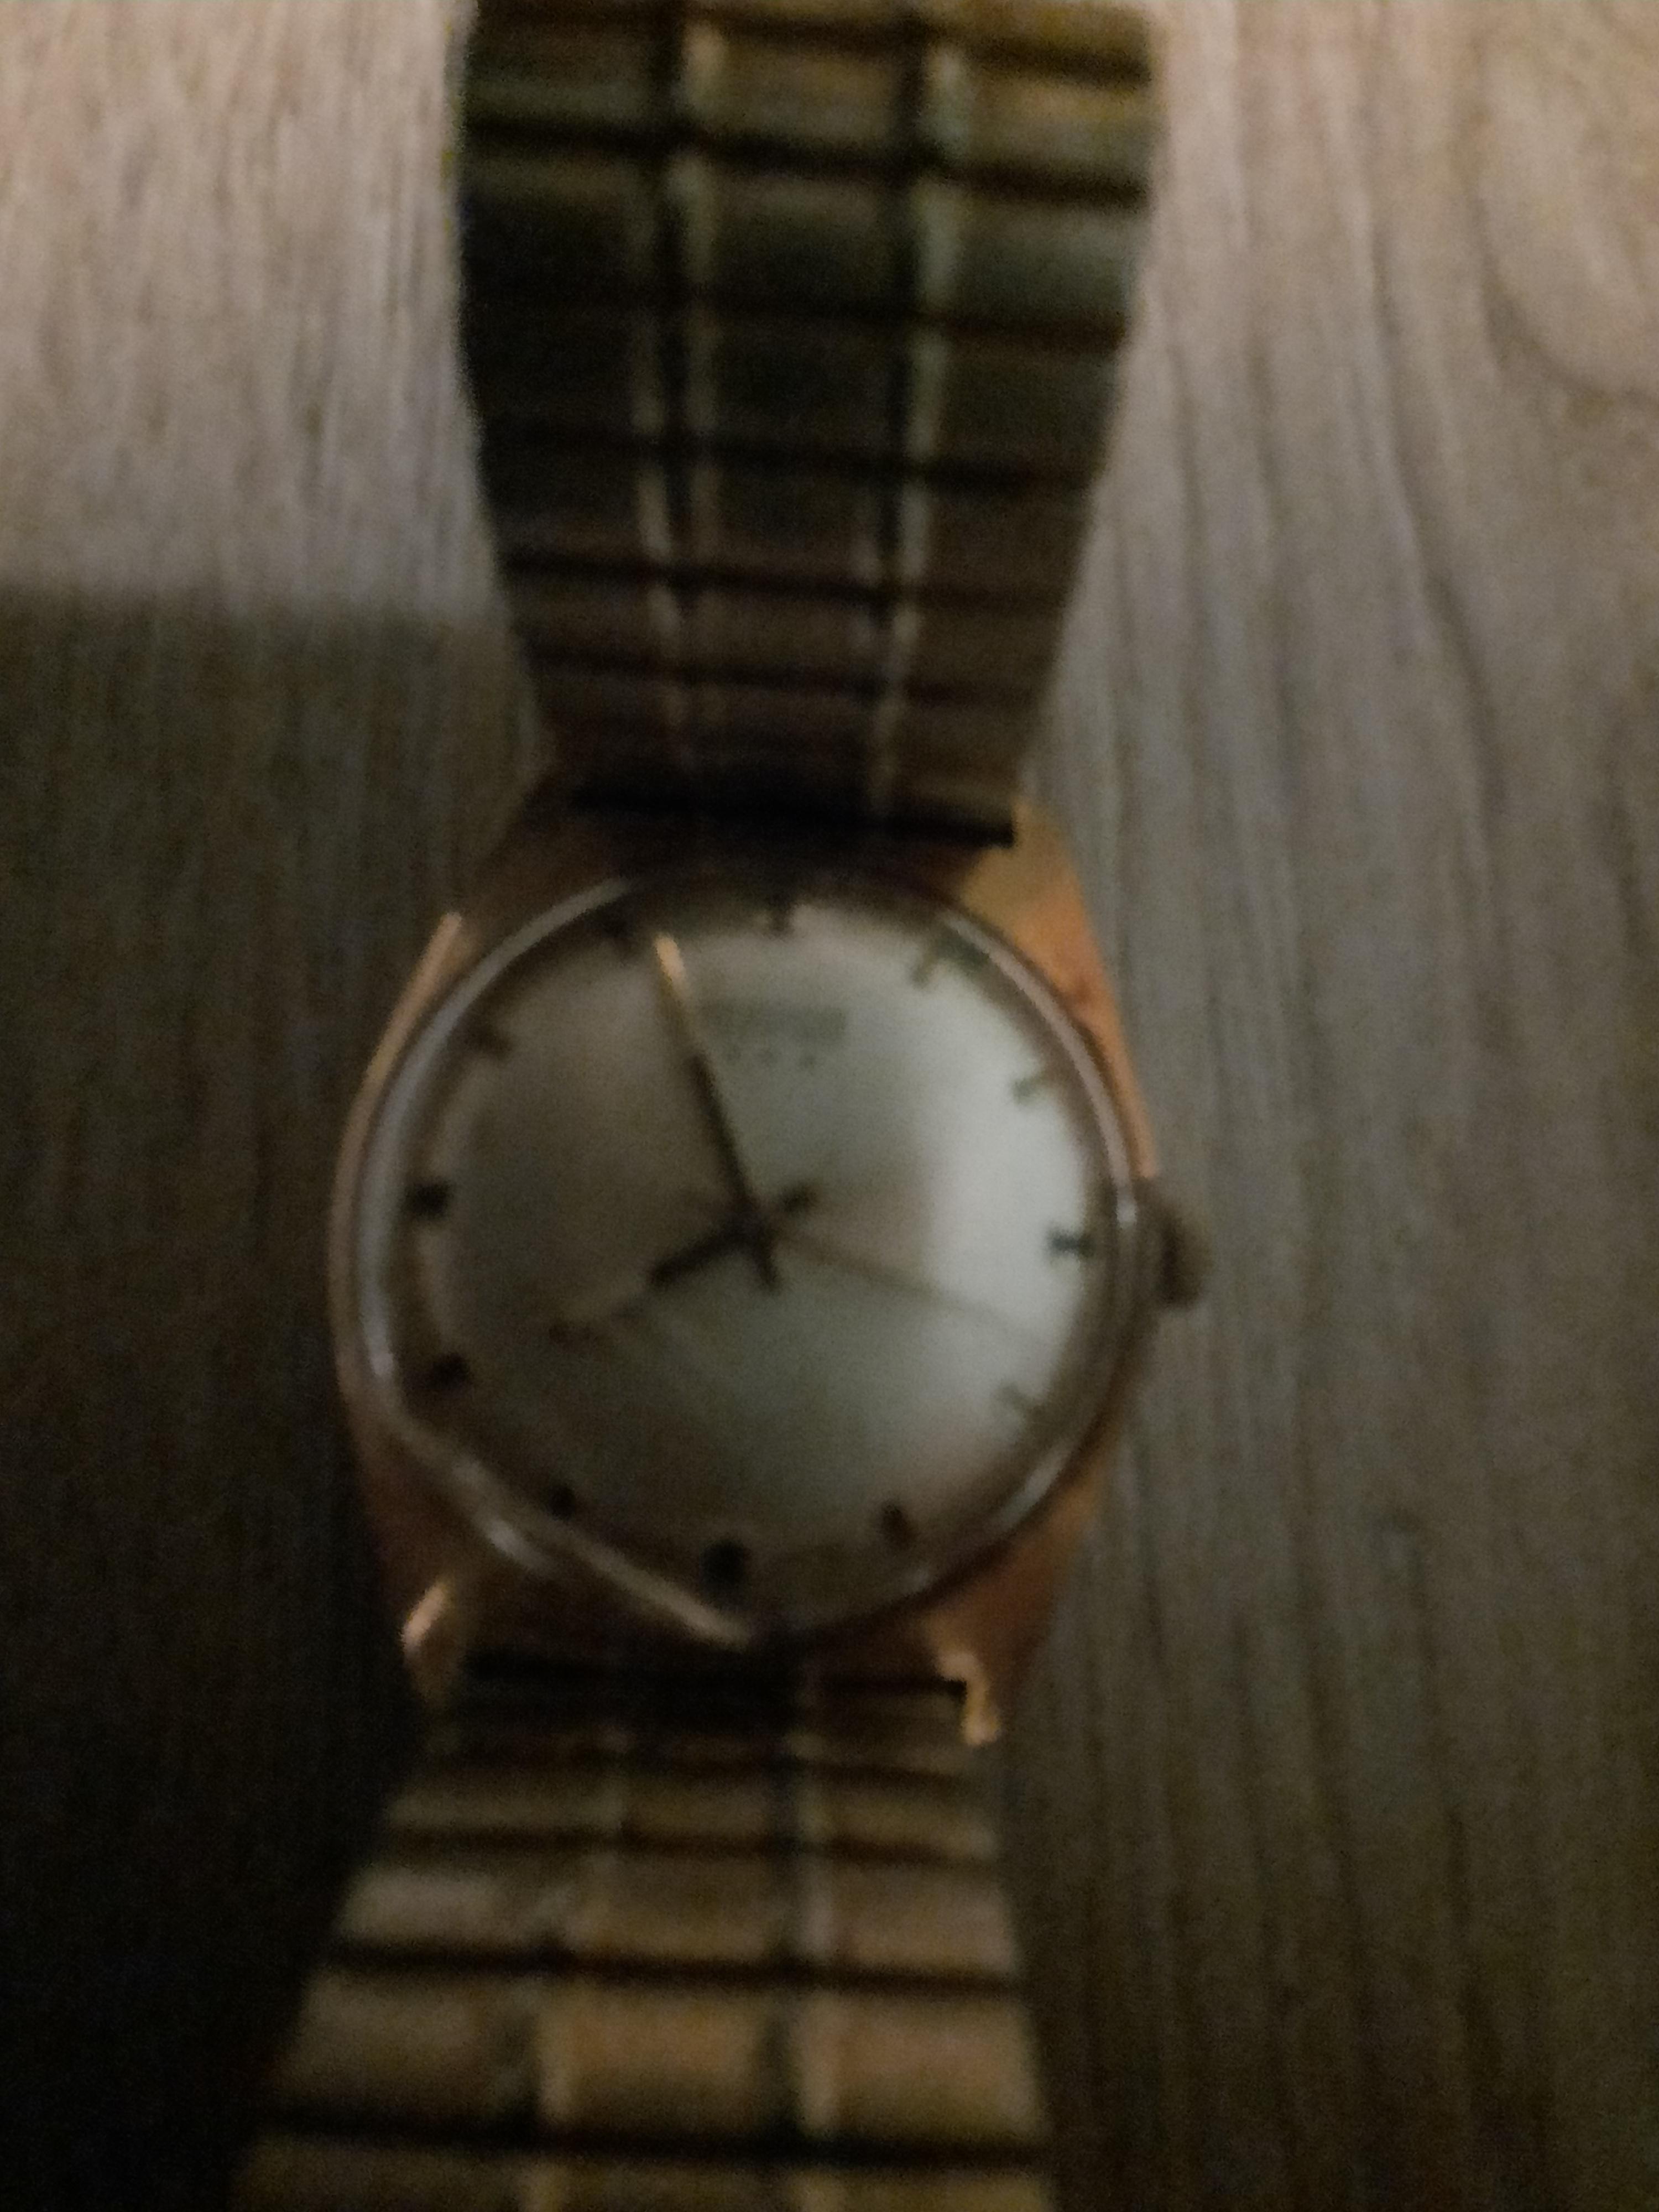 Waarde pontiac horloge Vragen over echtheid, type, waarde